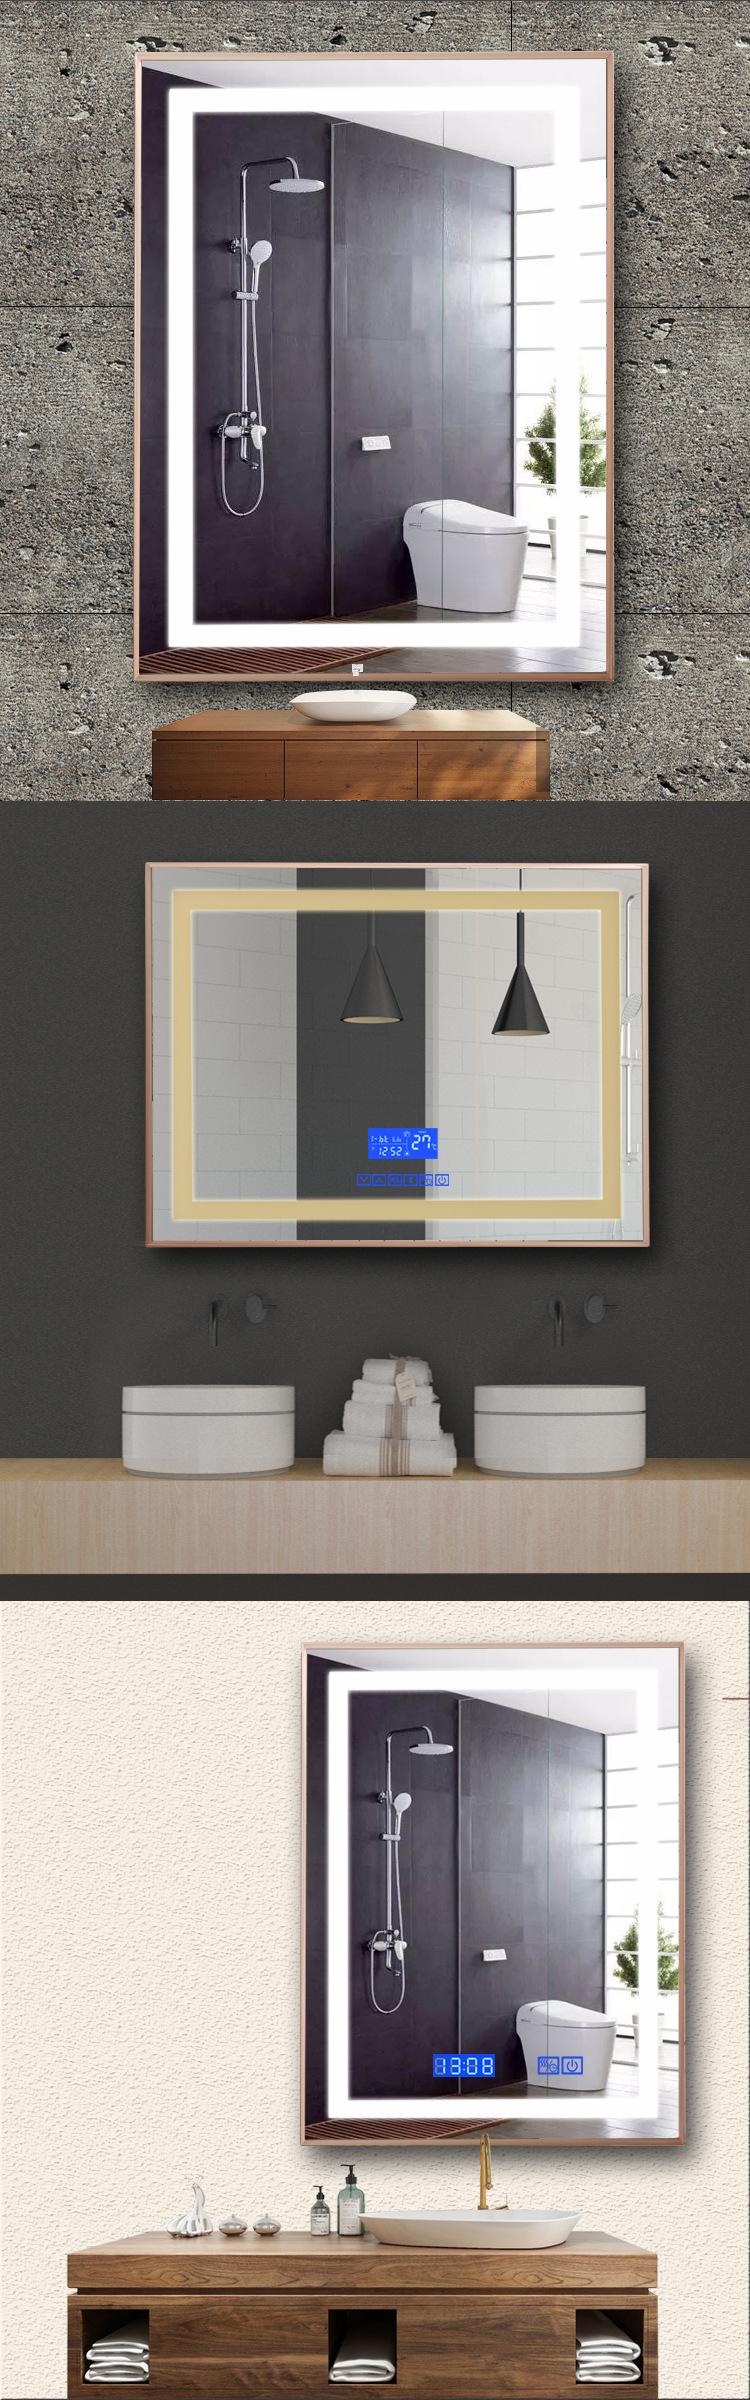 Application Light Up Bathroom Mirror